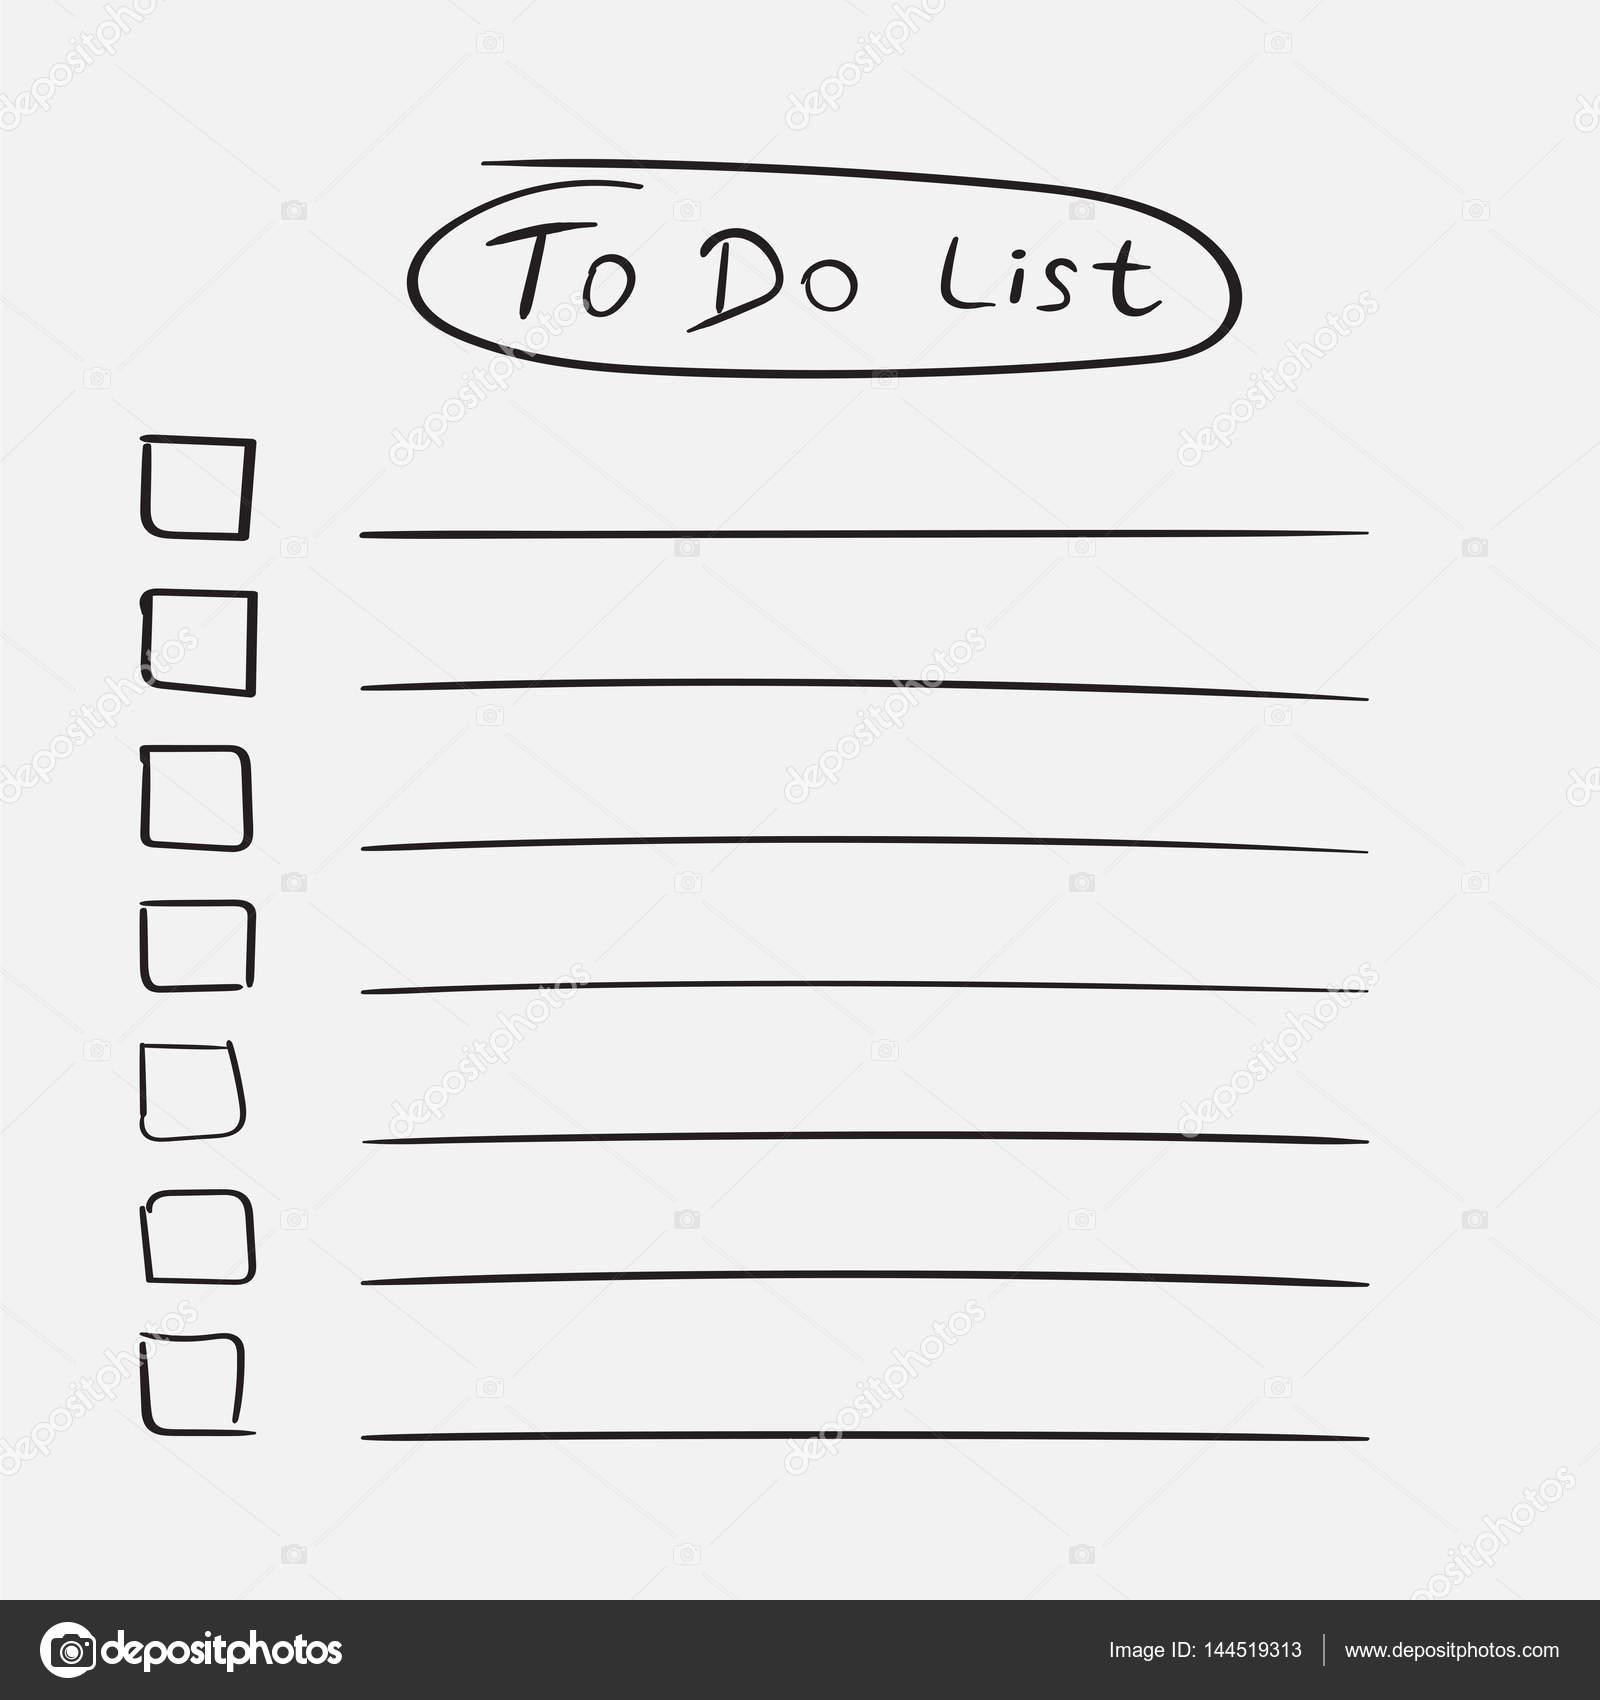 to do liste symbol mit text von hand gezeichnet checkliste task liste vektor illustration im. Black Bedroom Furniture Sets. Home Design Ideas